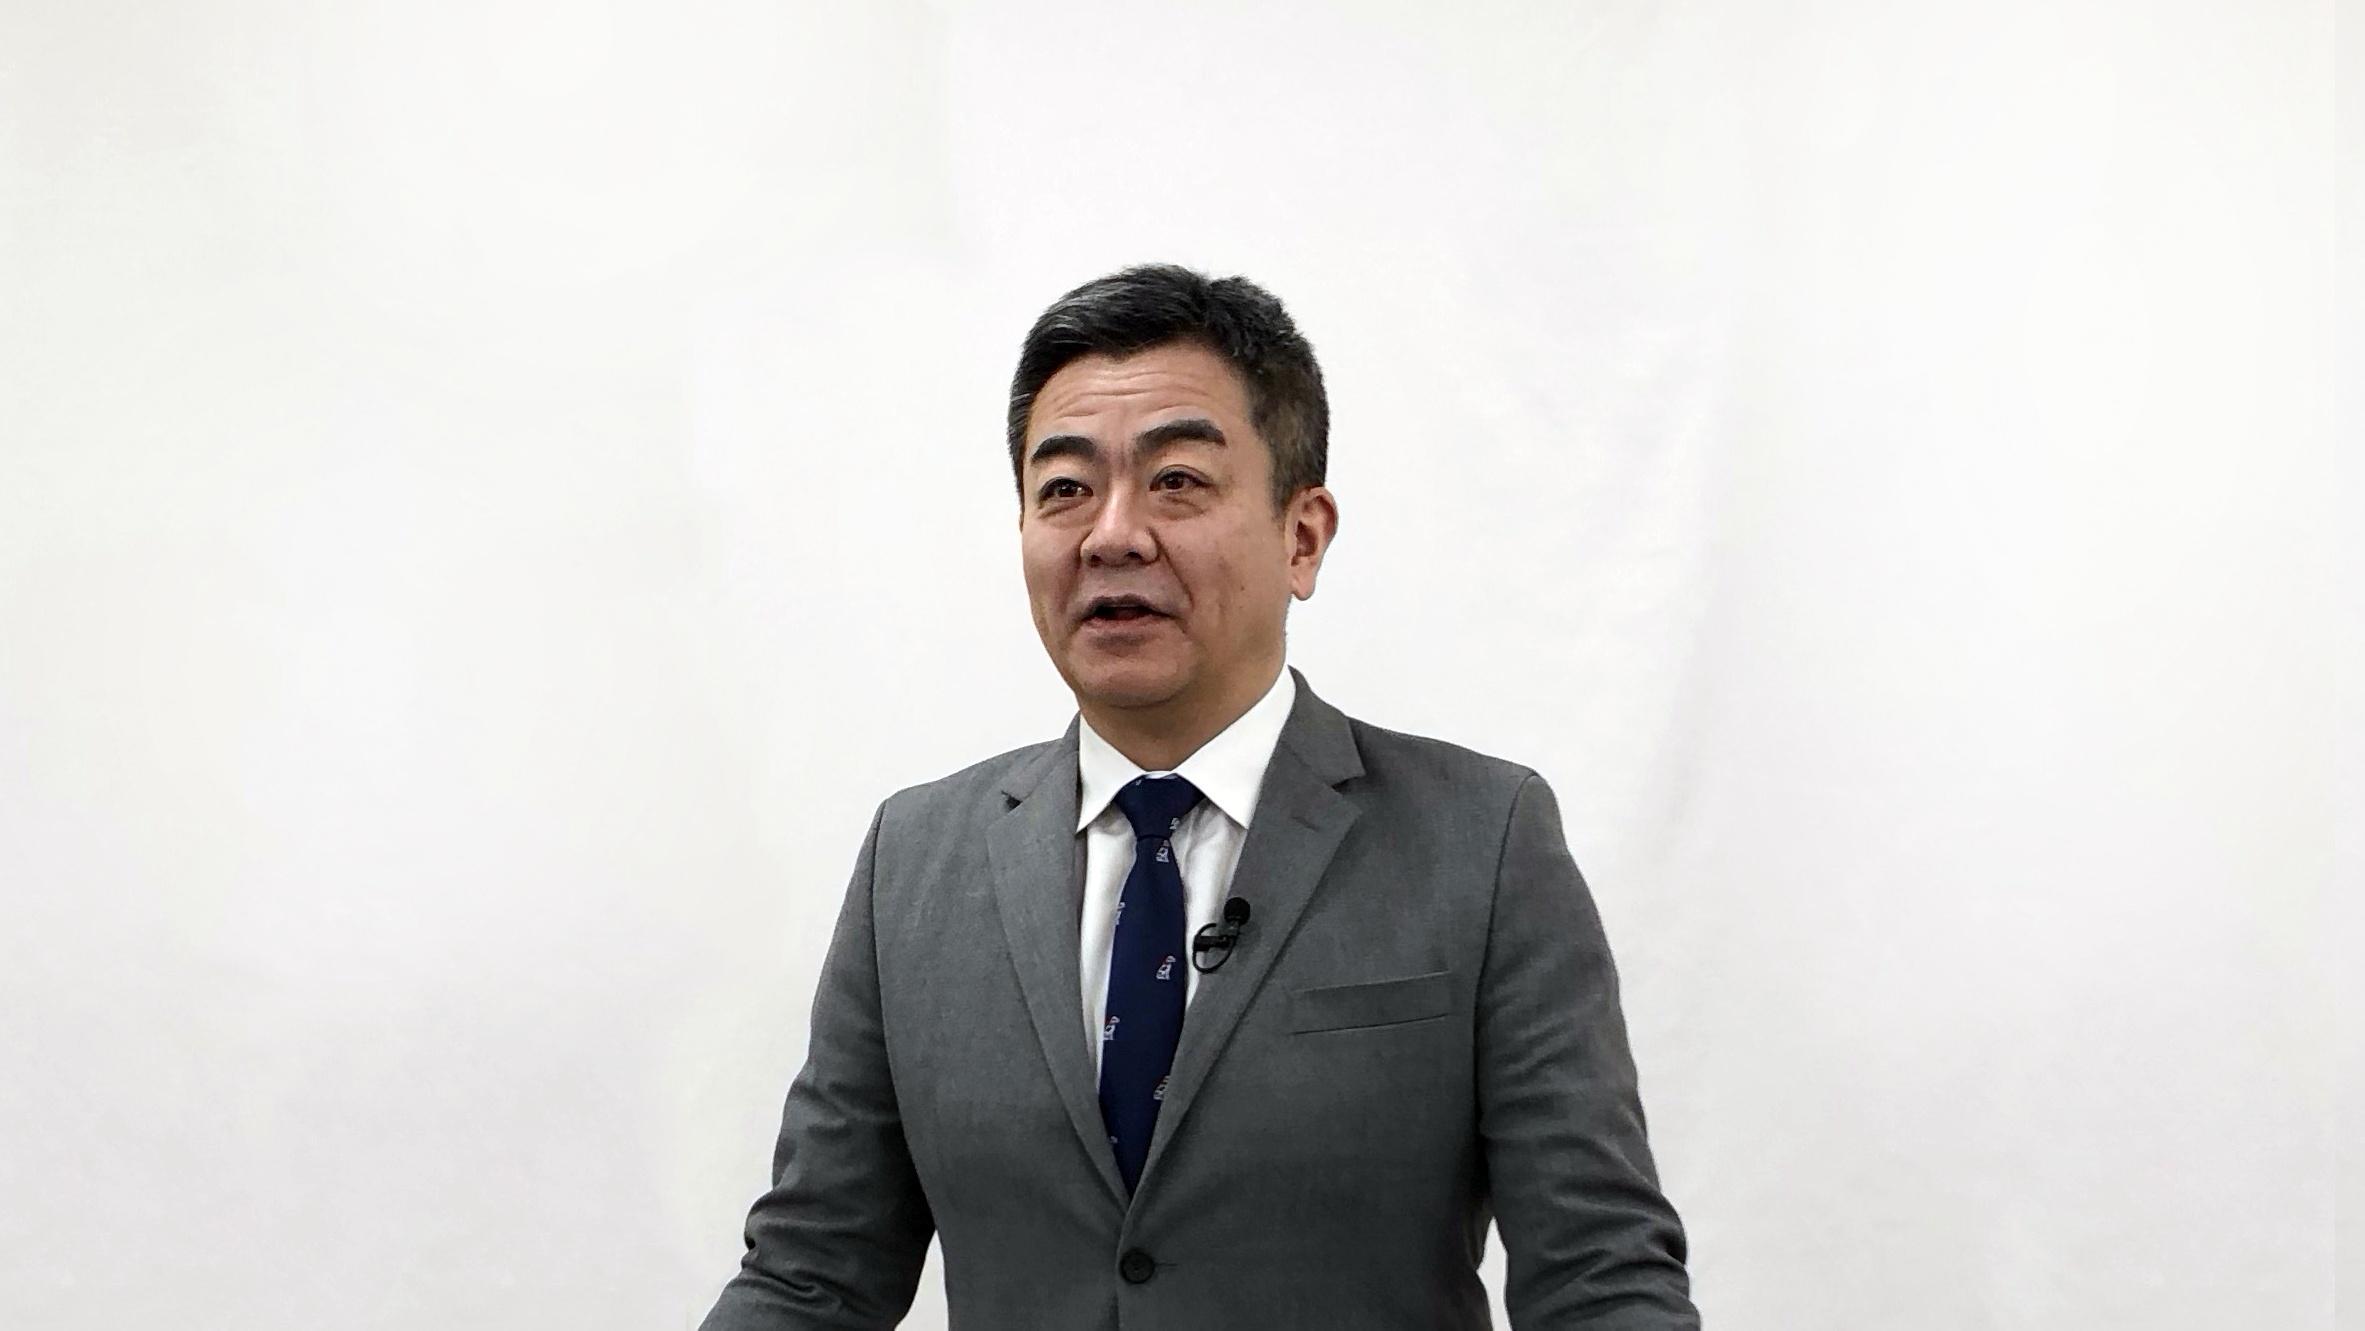 ジョイフル本田、上場来最高益を更新 MD施策強化やオペレーション合理化が奏功、7期連続増配も予定